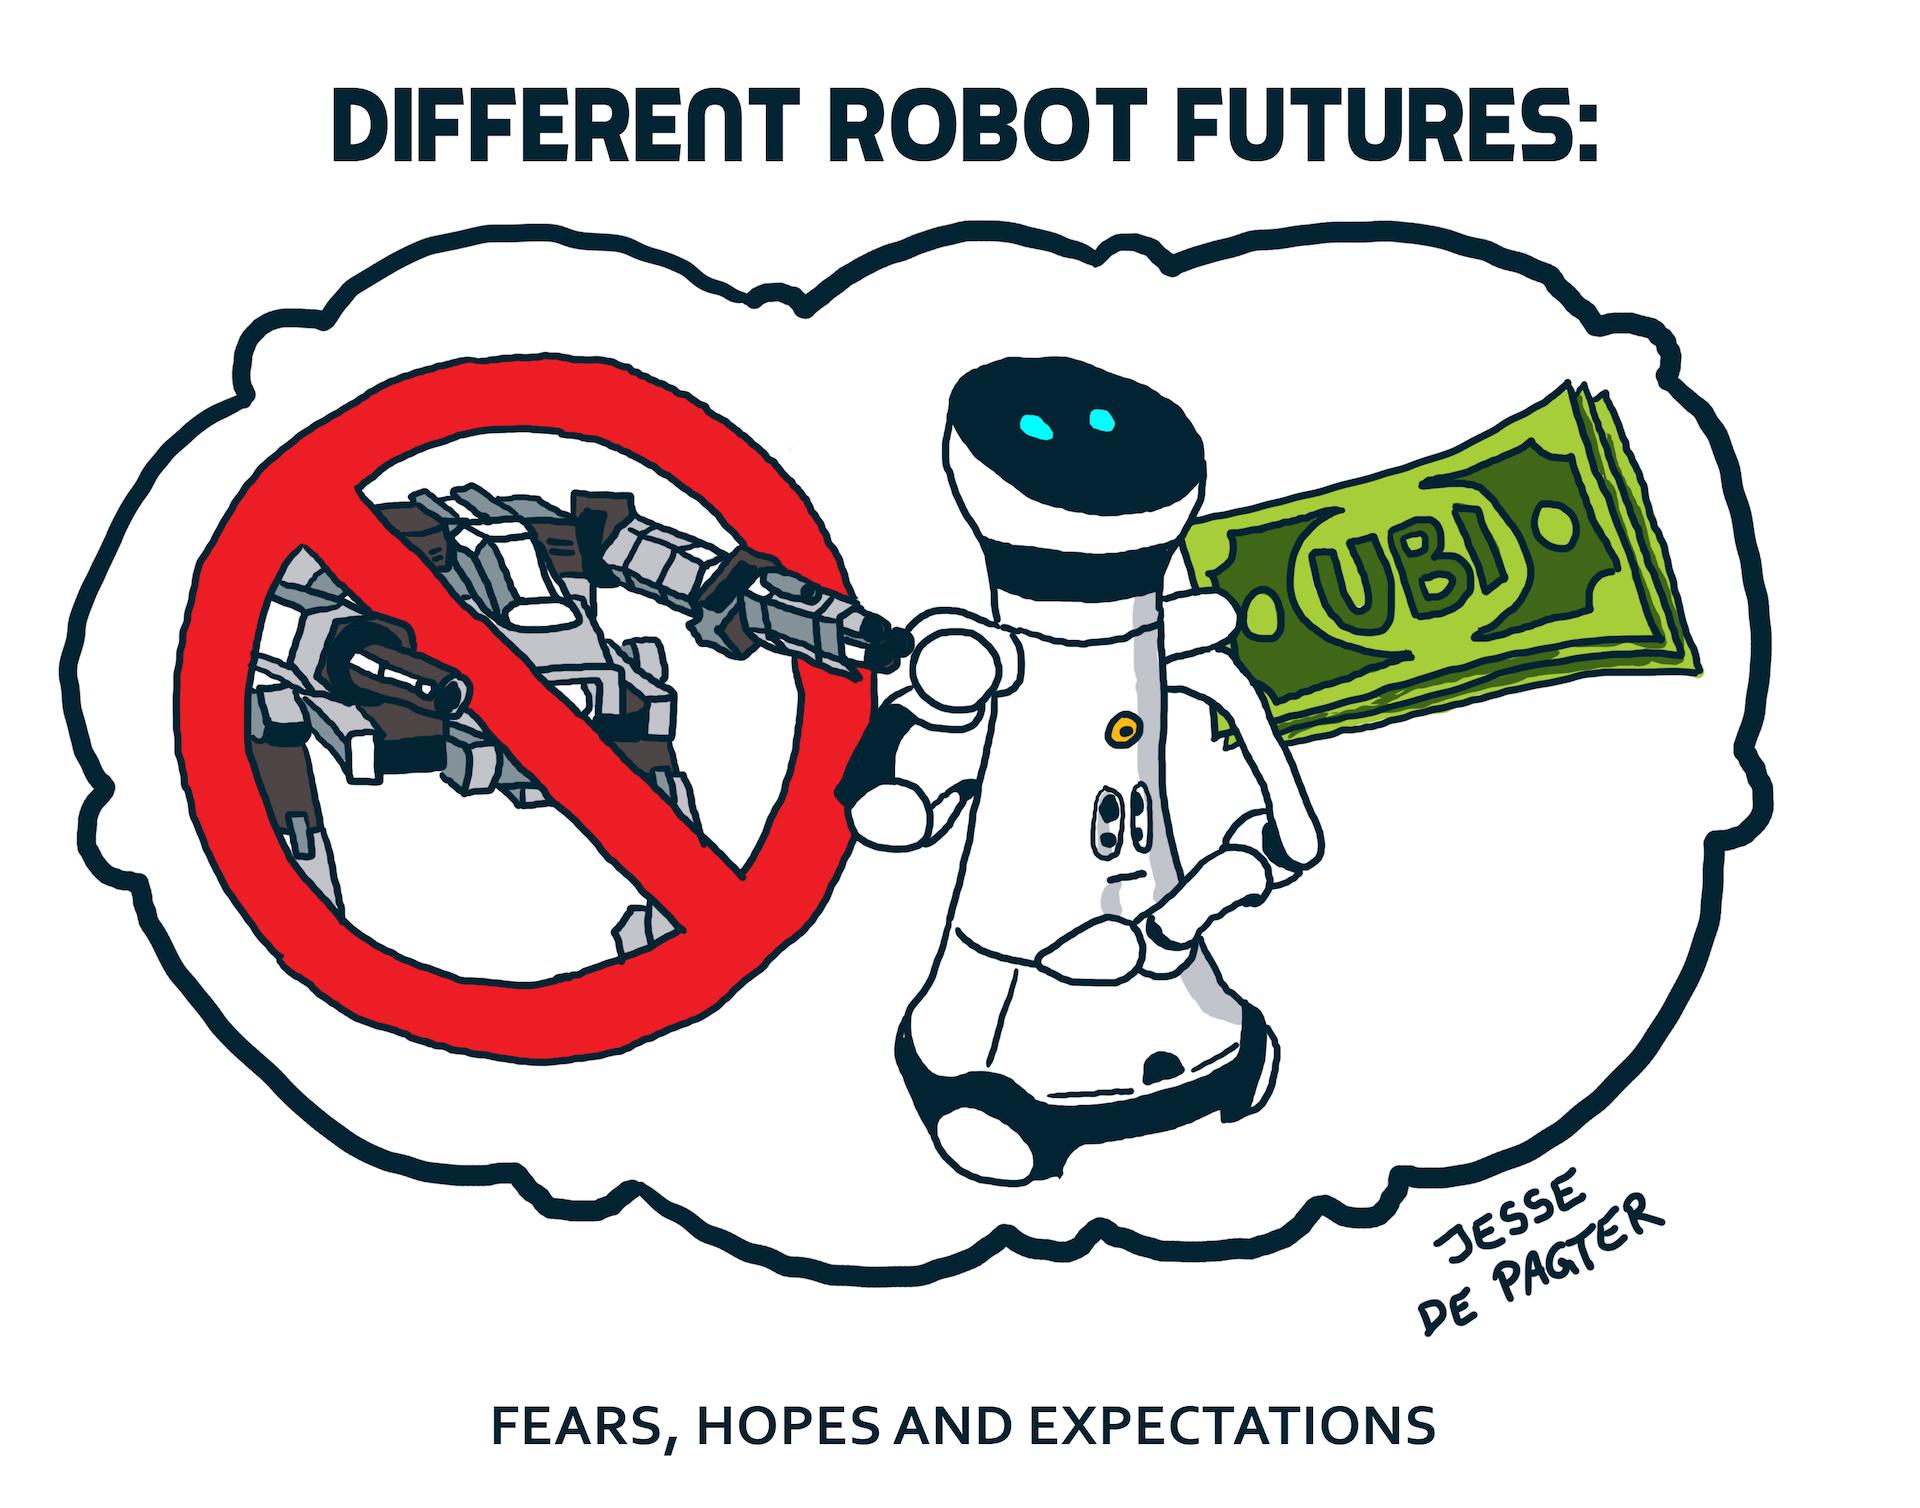 DE PAGTERdiff.robotFutures